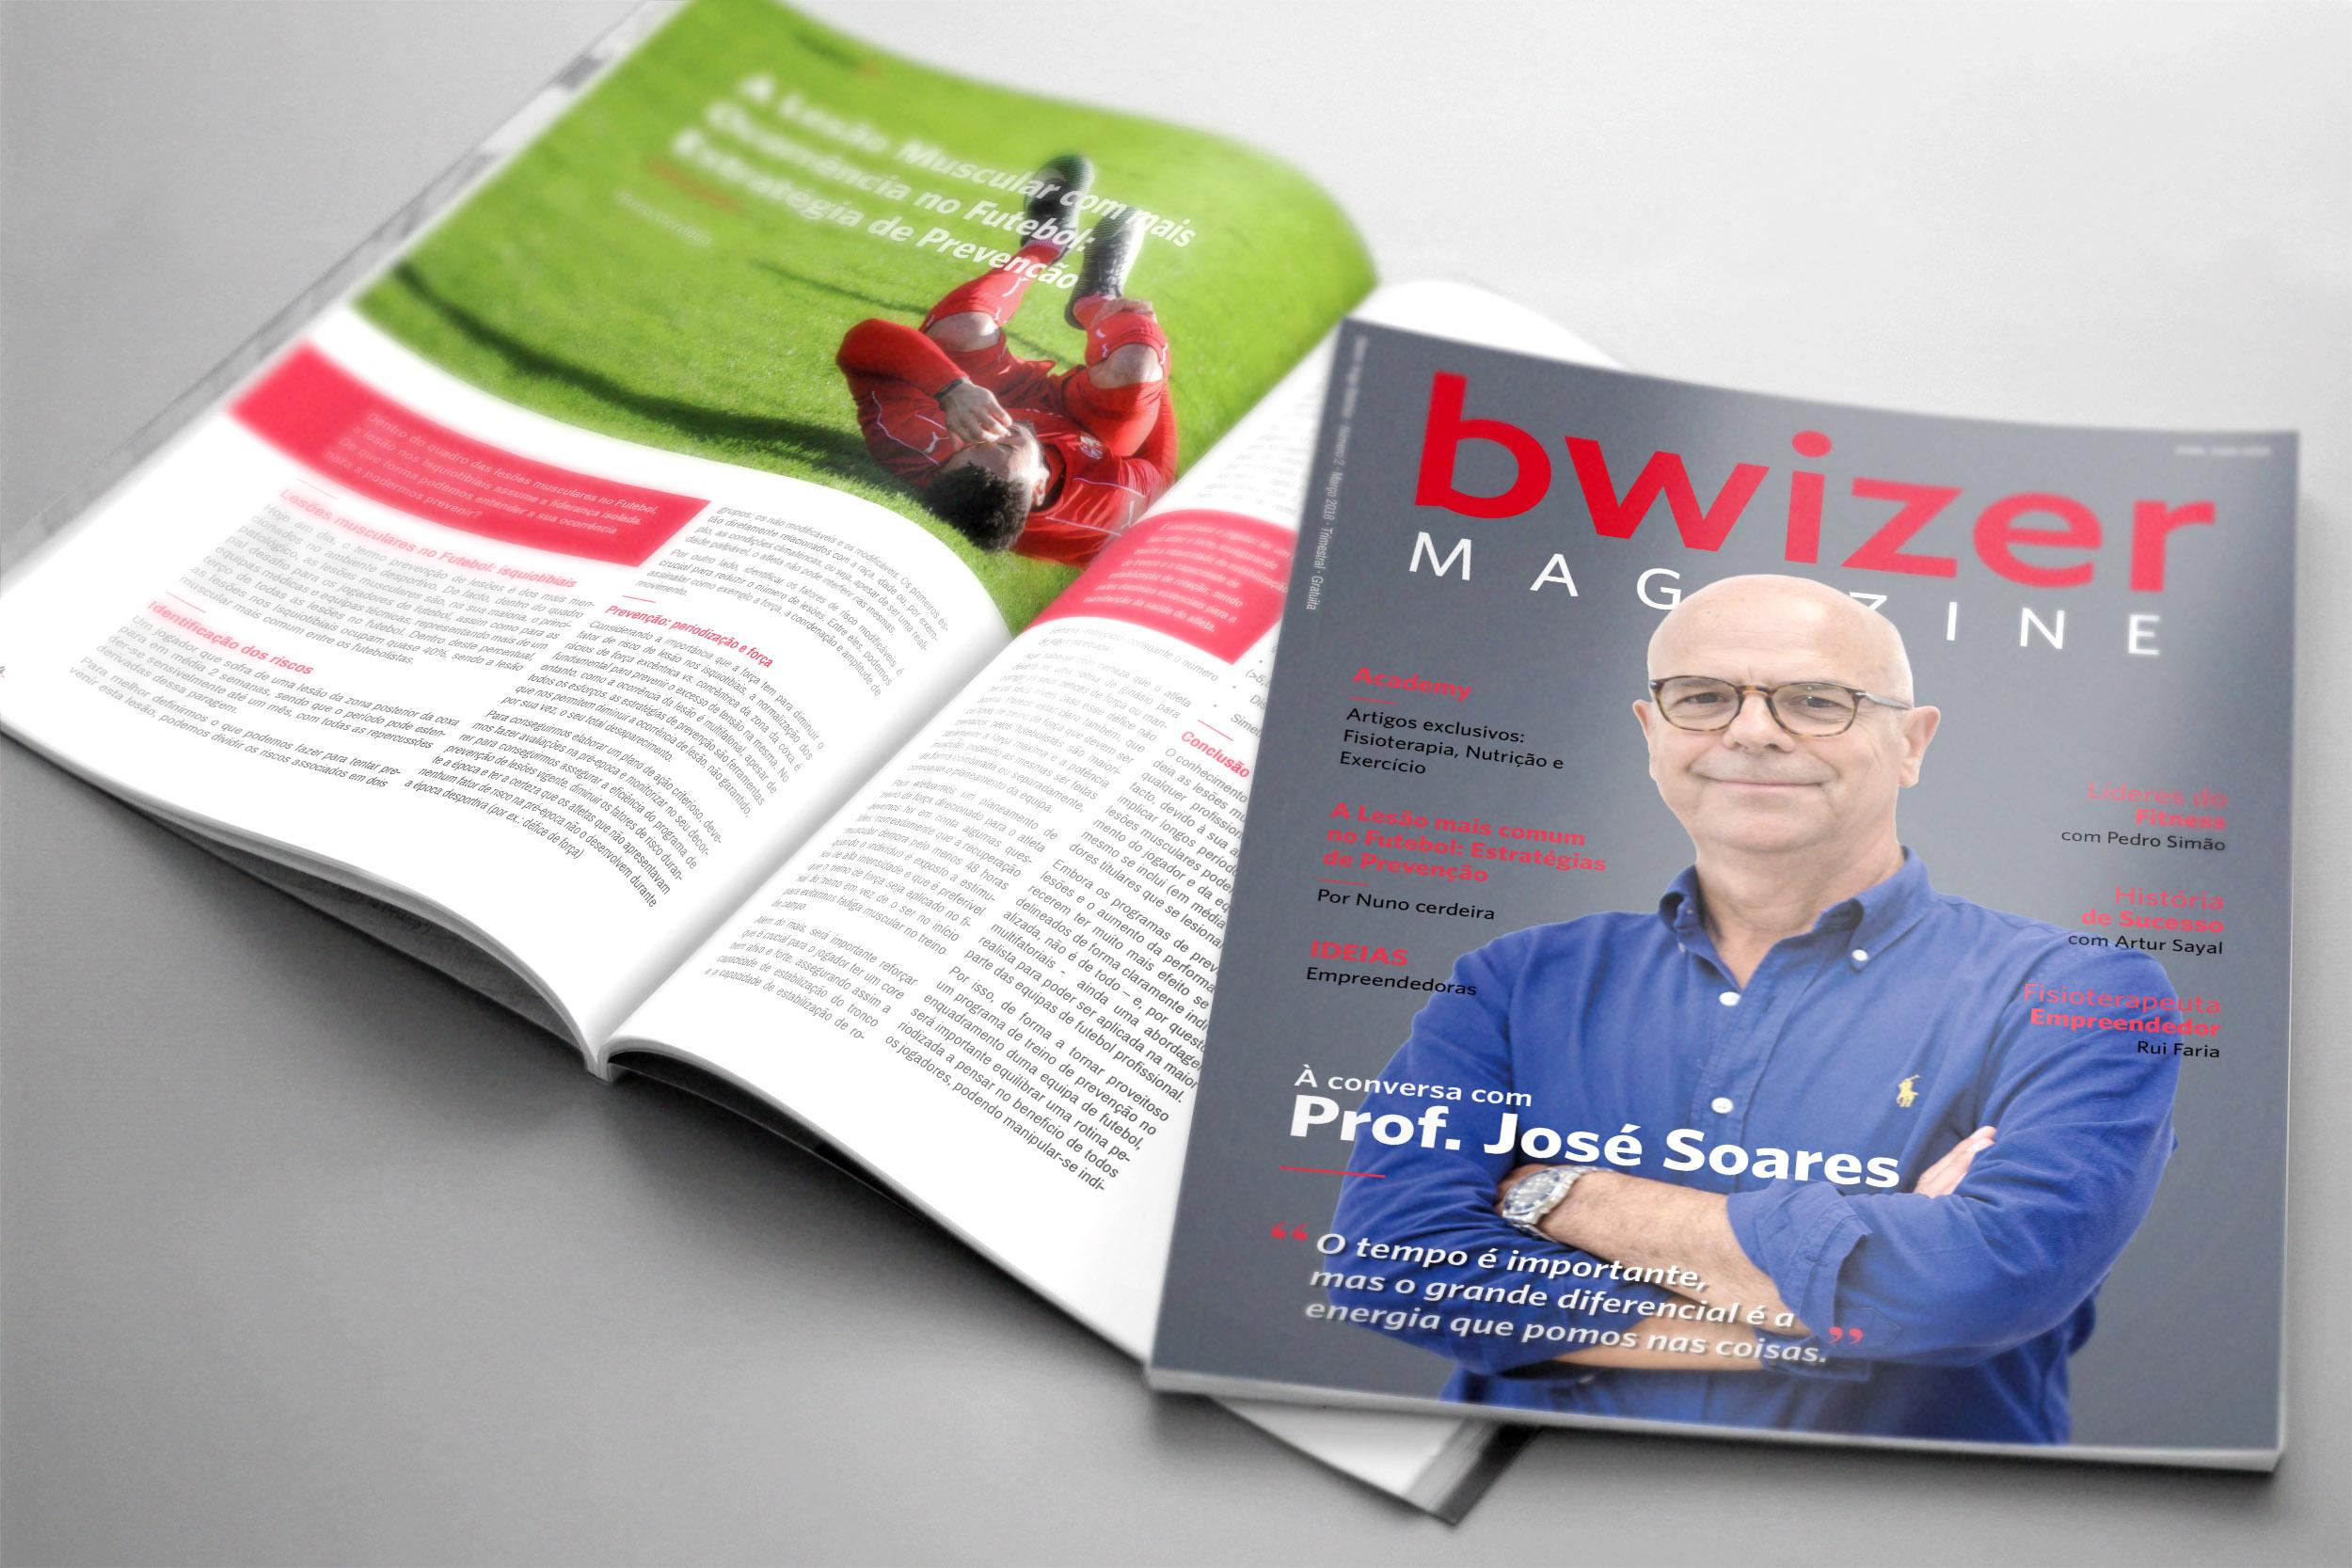 Bwizer Magazine - número 2